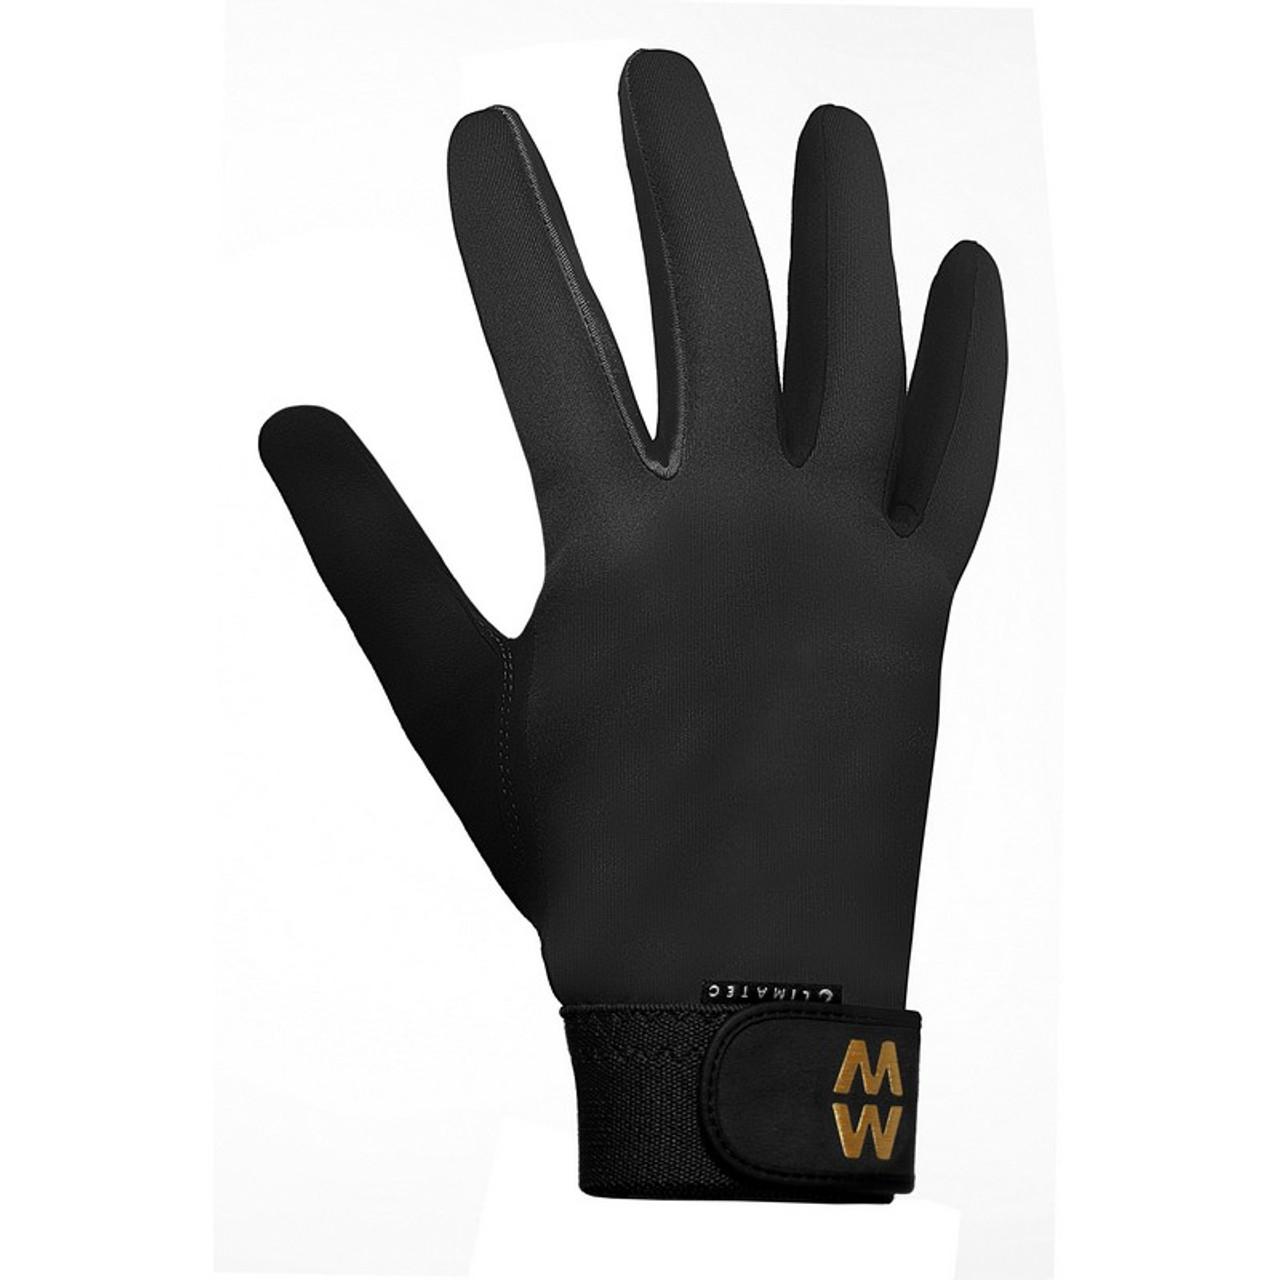 Best price for MacWet Gloves, on sale from Bradford Stalker.